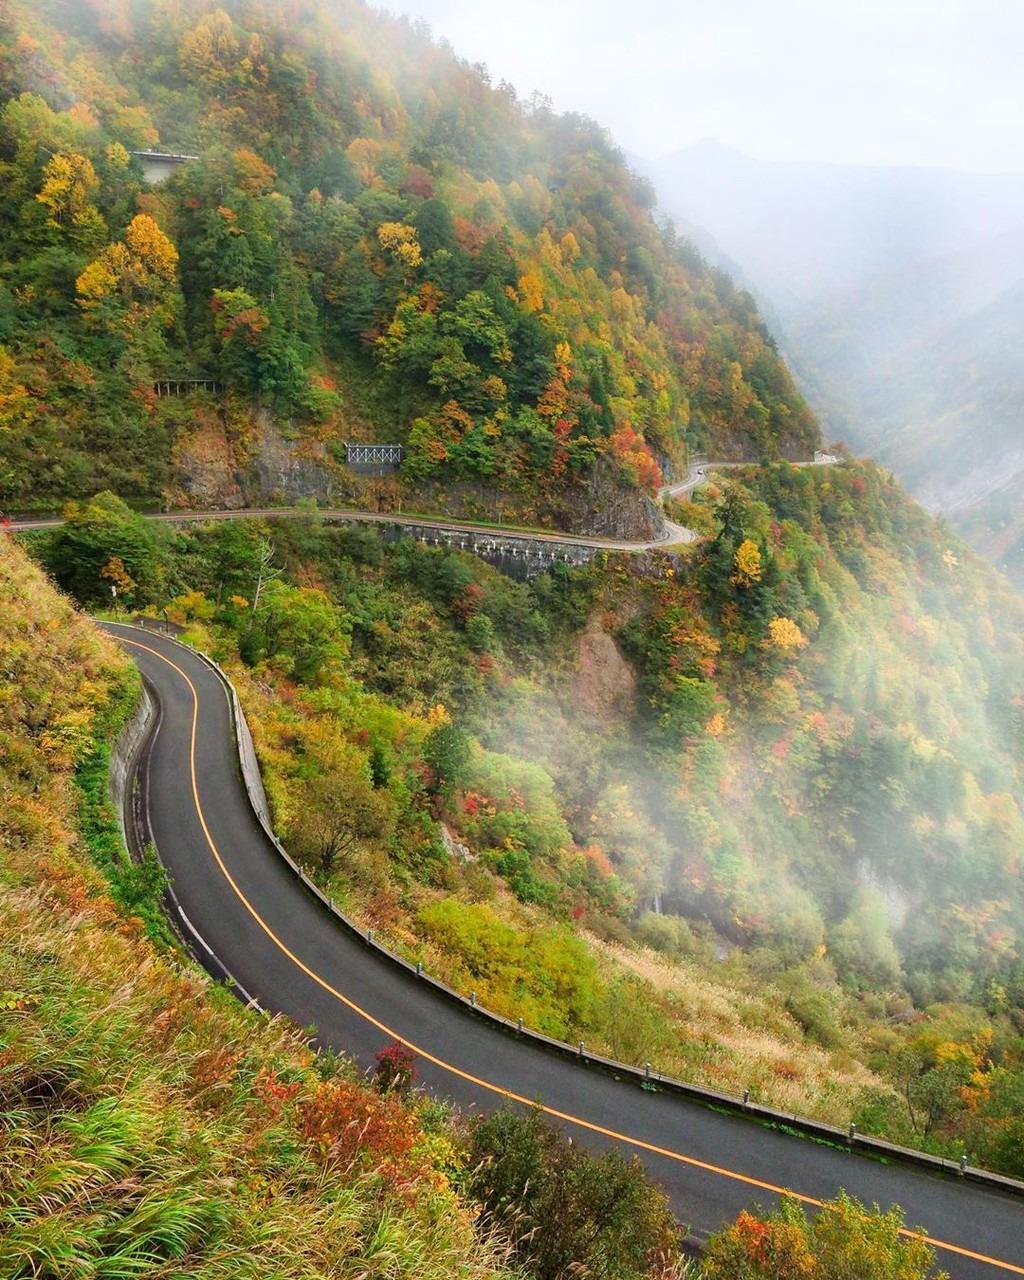 Nhờ thảm thực vật phong phú, mùa thu trên núi Hakusan hấp dẫn nhiều tín đồ yêu tự nhiên. Đoạn đường dẫn đến làng Shirakawa còn được gọi là con đường trắng, nằm trên vùng núi cao khoảng 600-1.500 m so với mực nước biển. Ảnh: ichirino, hiropon.